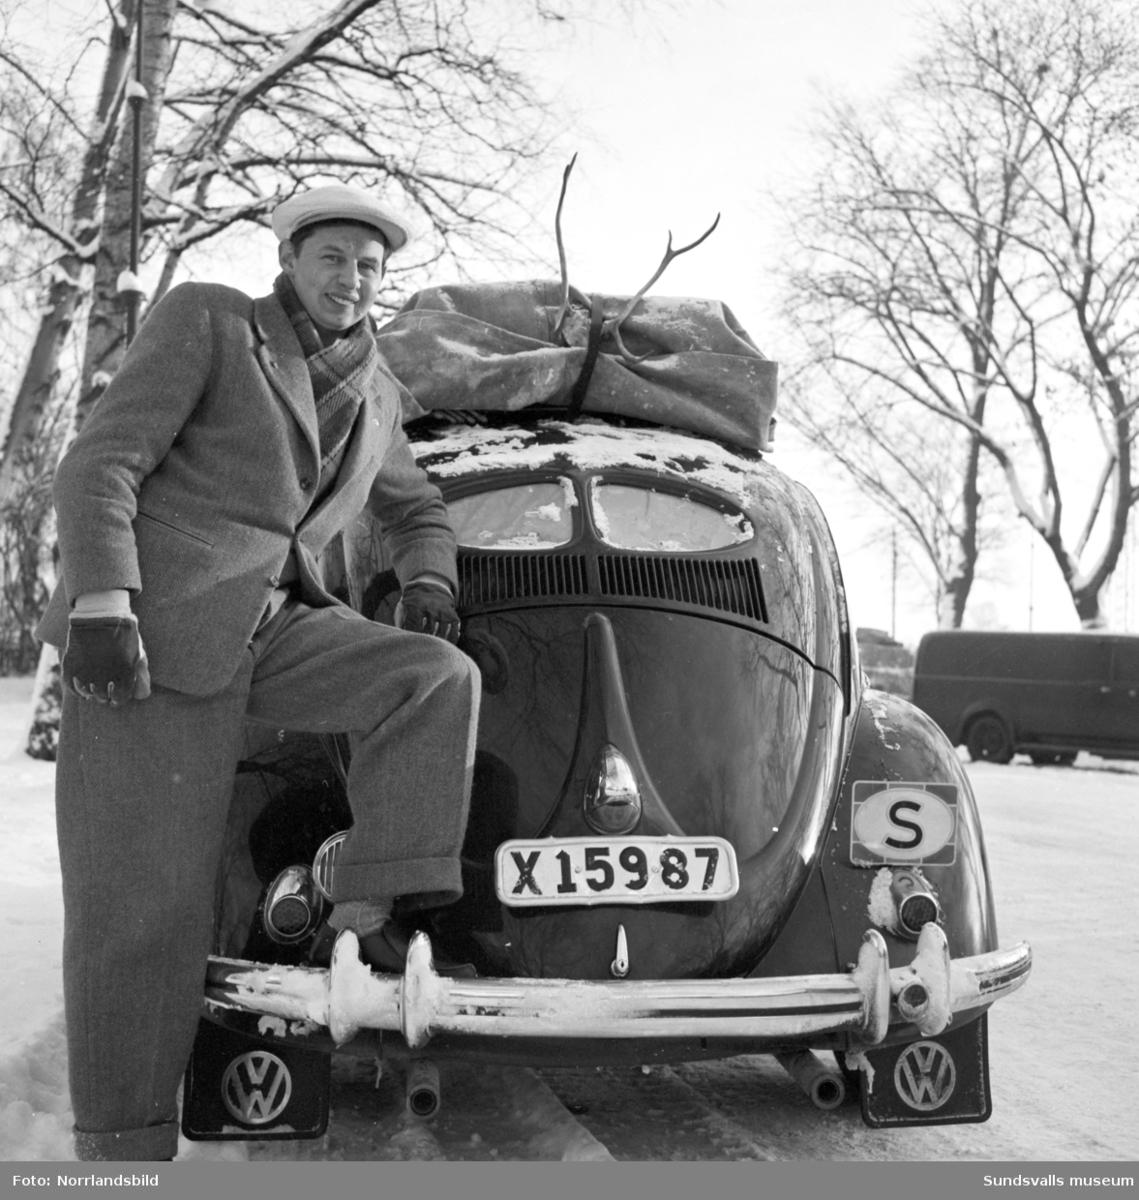 Svensk sångare och bandyspelare född i Arbrå, Hälsingland.